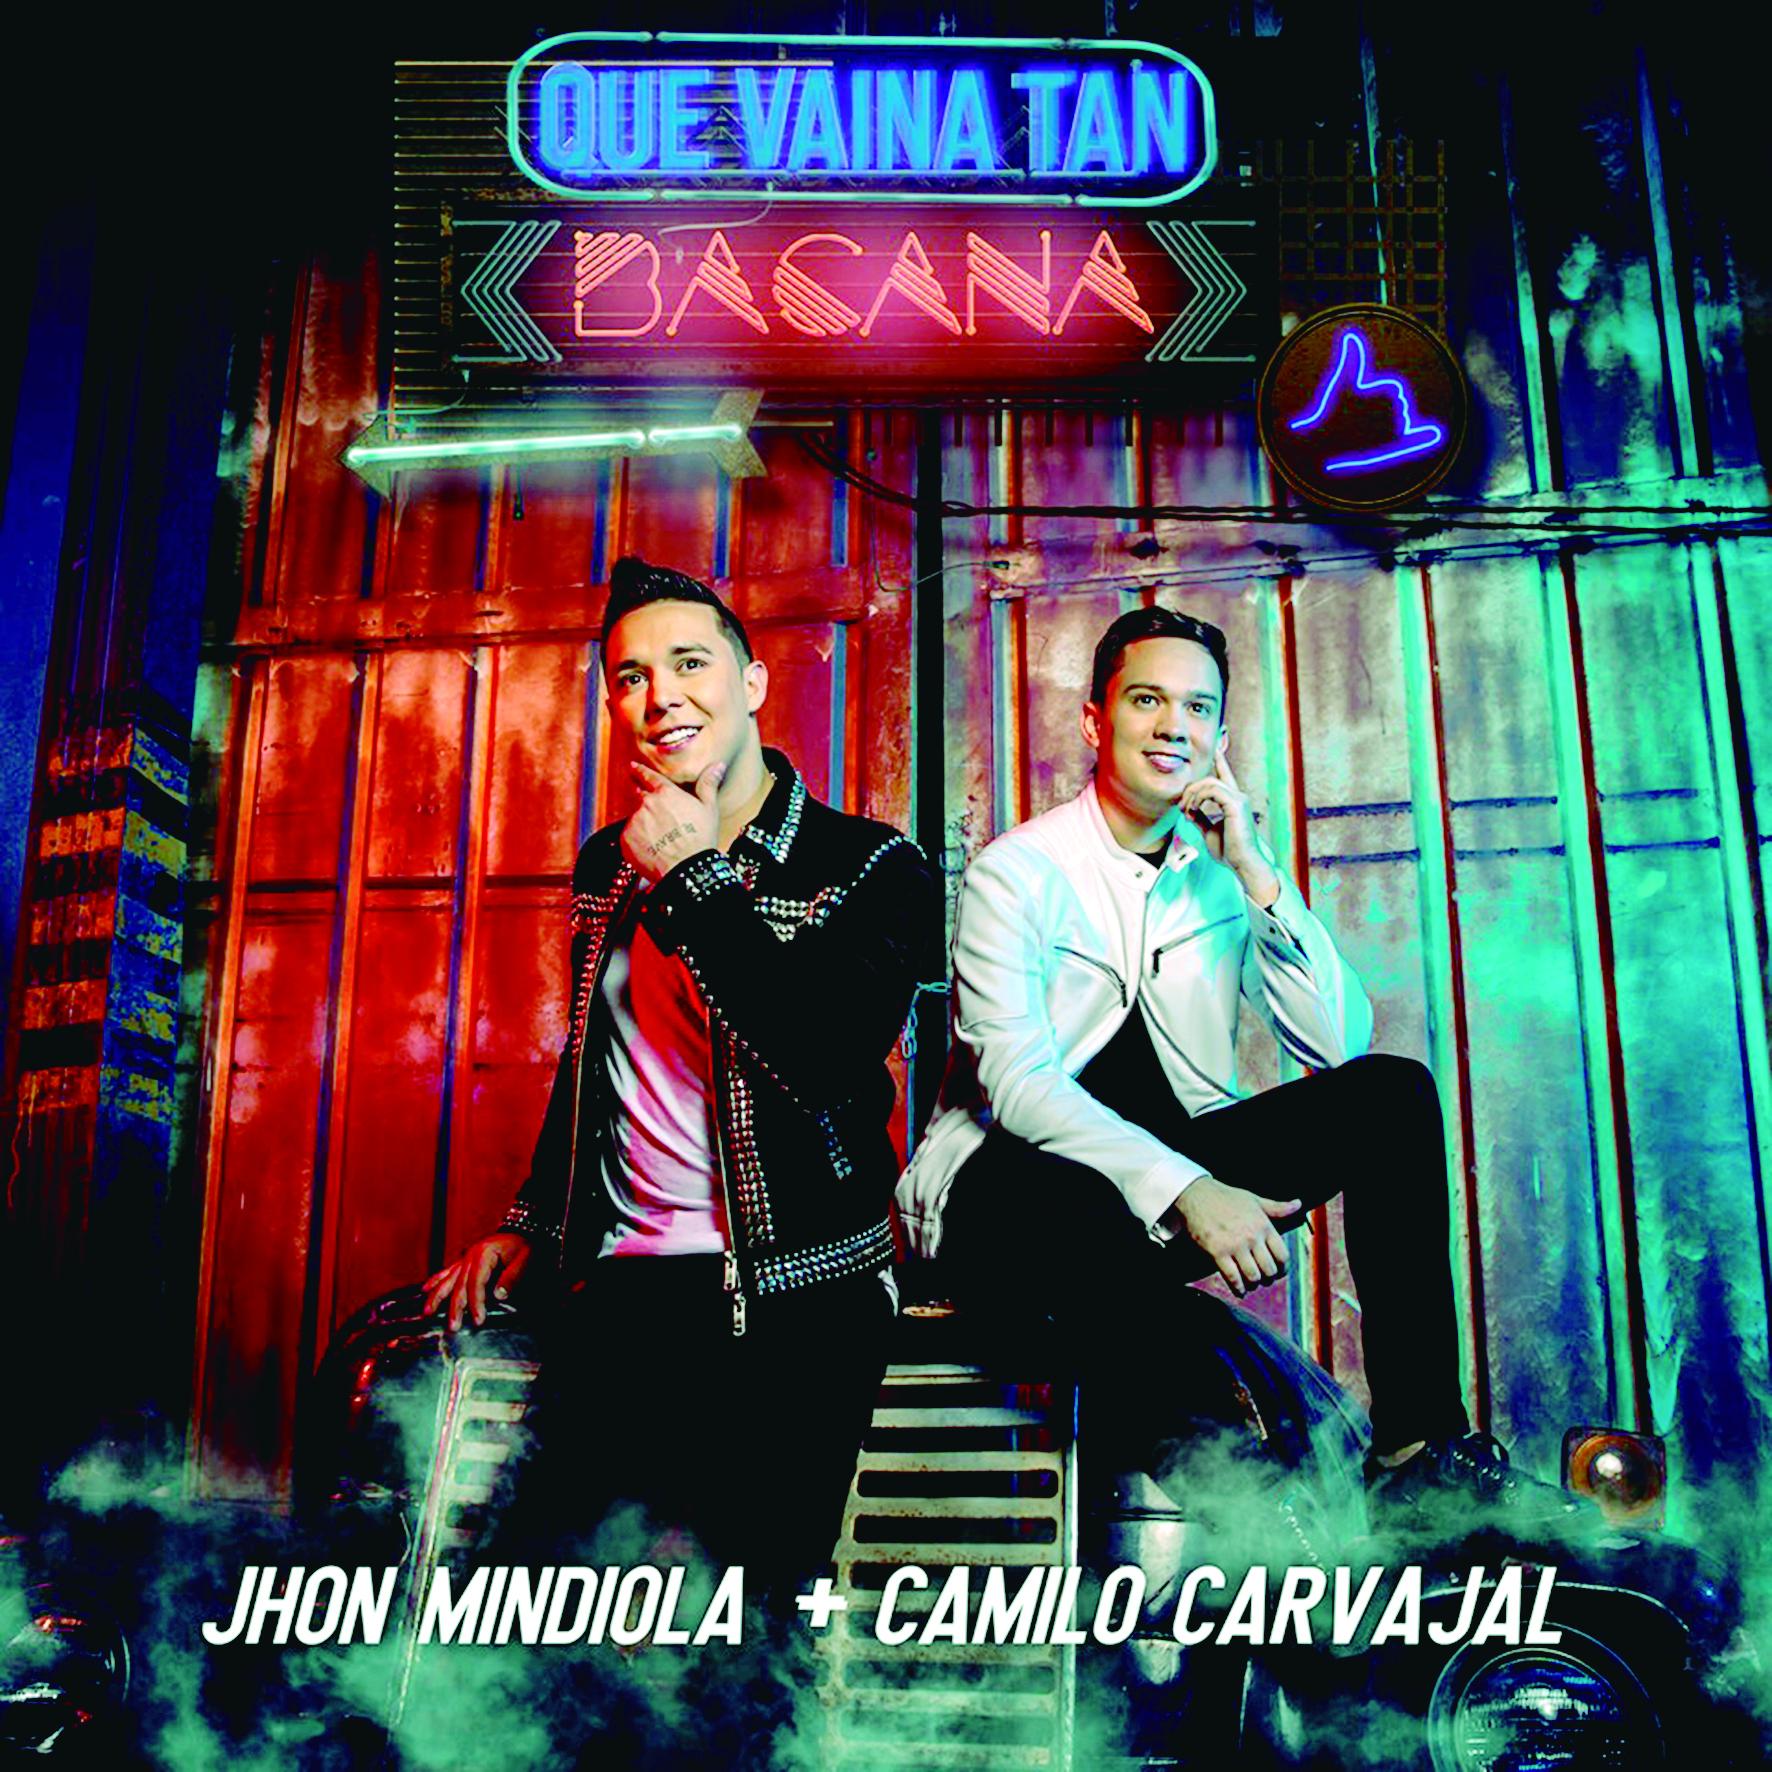 """'Que vaina tan bacana' """"Tomando a Morir"""" en la nueva producción musical de Jhon Mindiola   Entretenimiento   Variedades   EL FRENTE"""